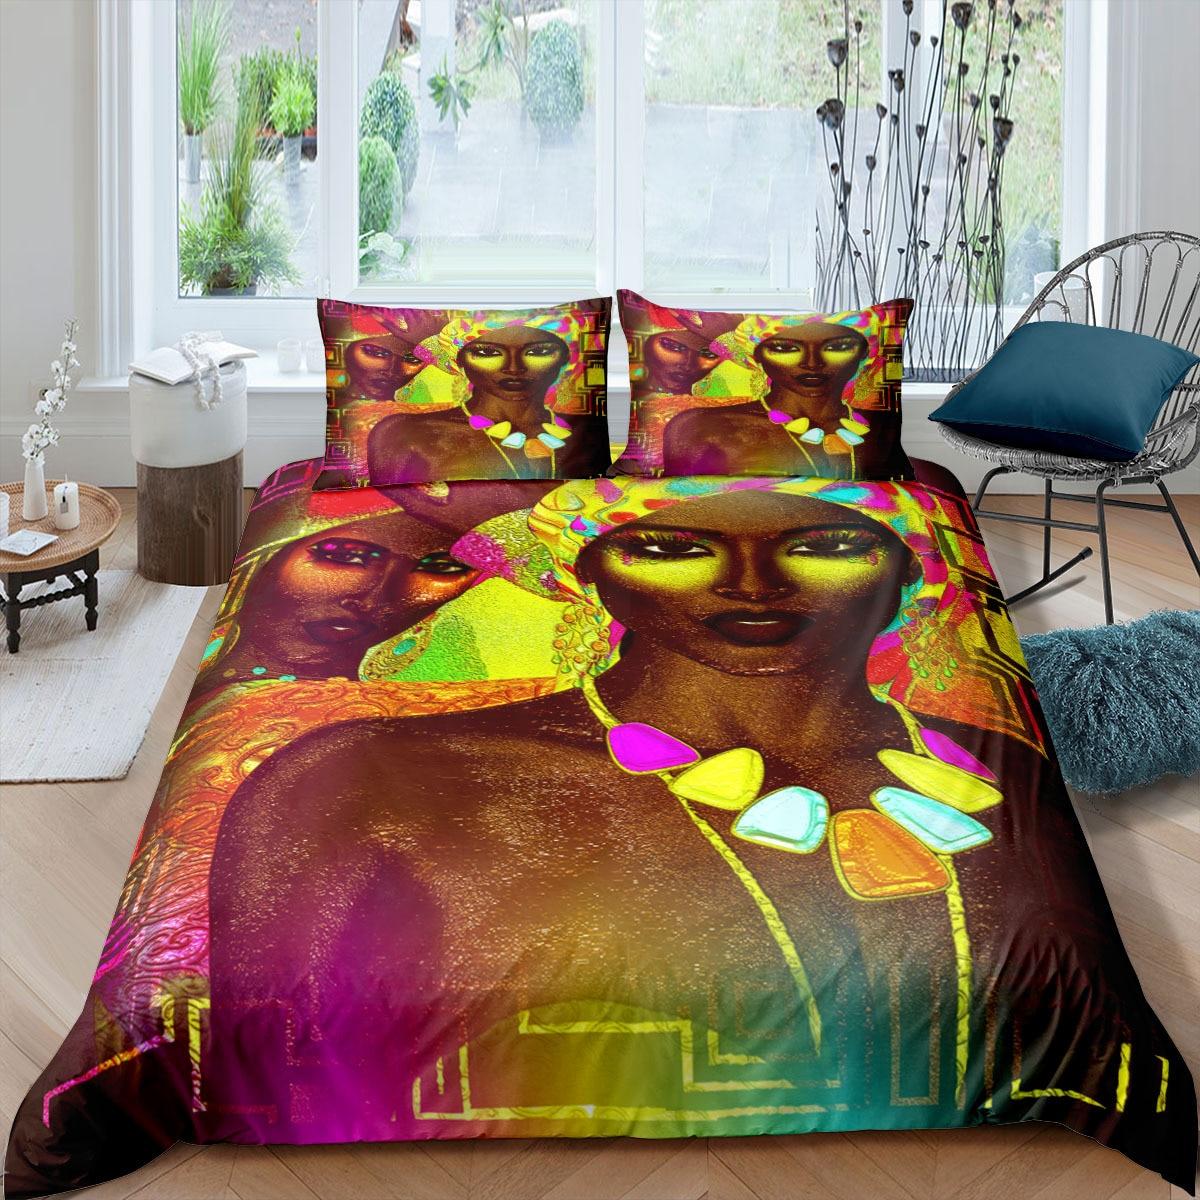 طقم سرير امرأة الأفريقية الملكة حجم الفاخرة حاف الغطاء و المخدة مجموعة غطاء لحاف طقم سرير المنسوجات المنزلية الملك